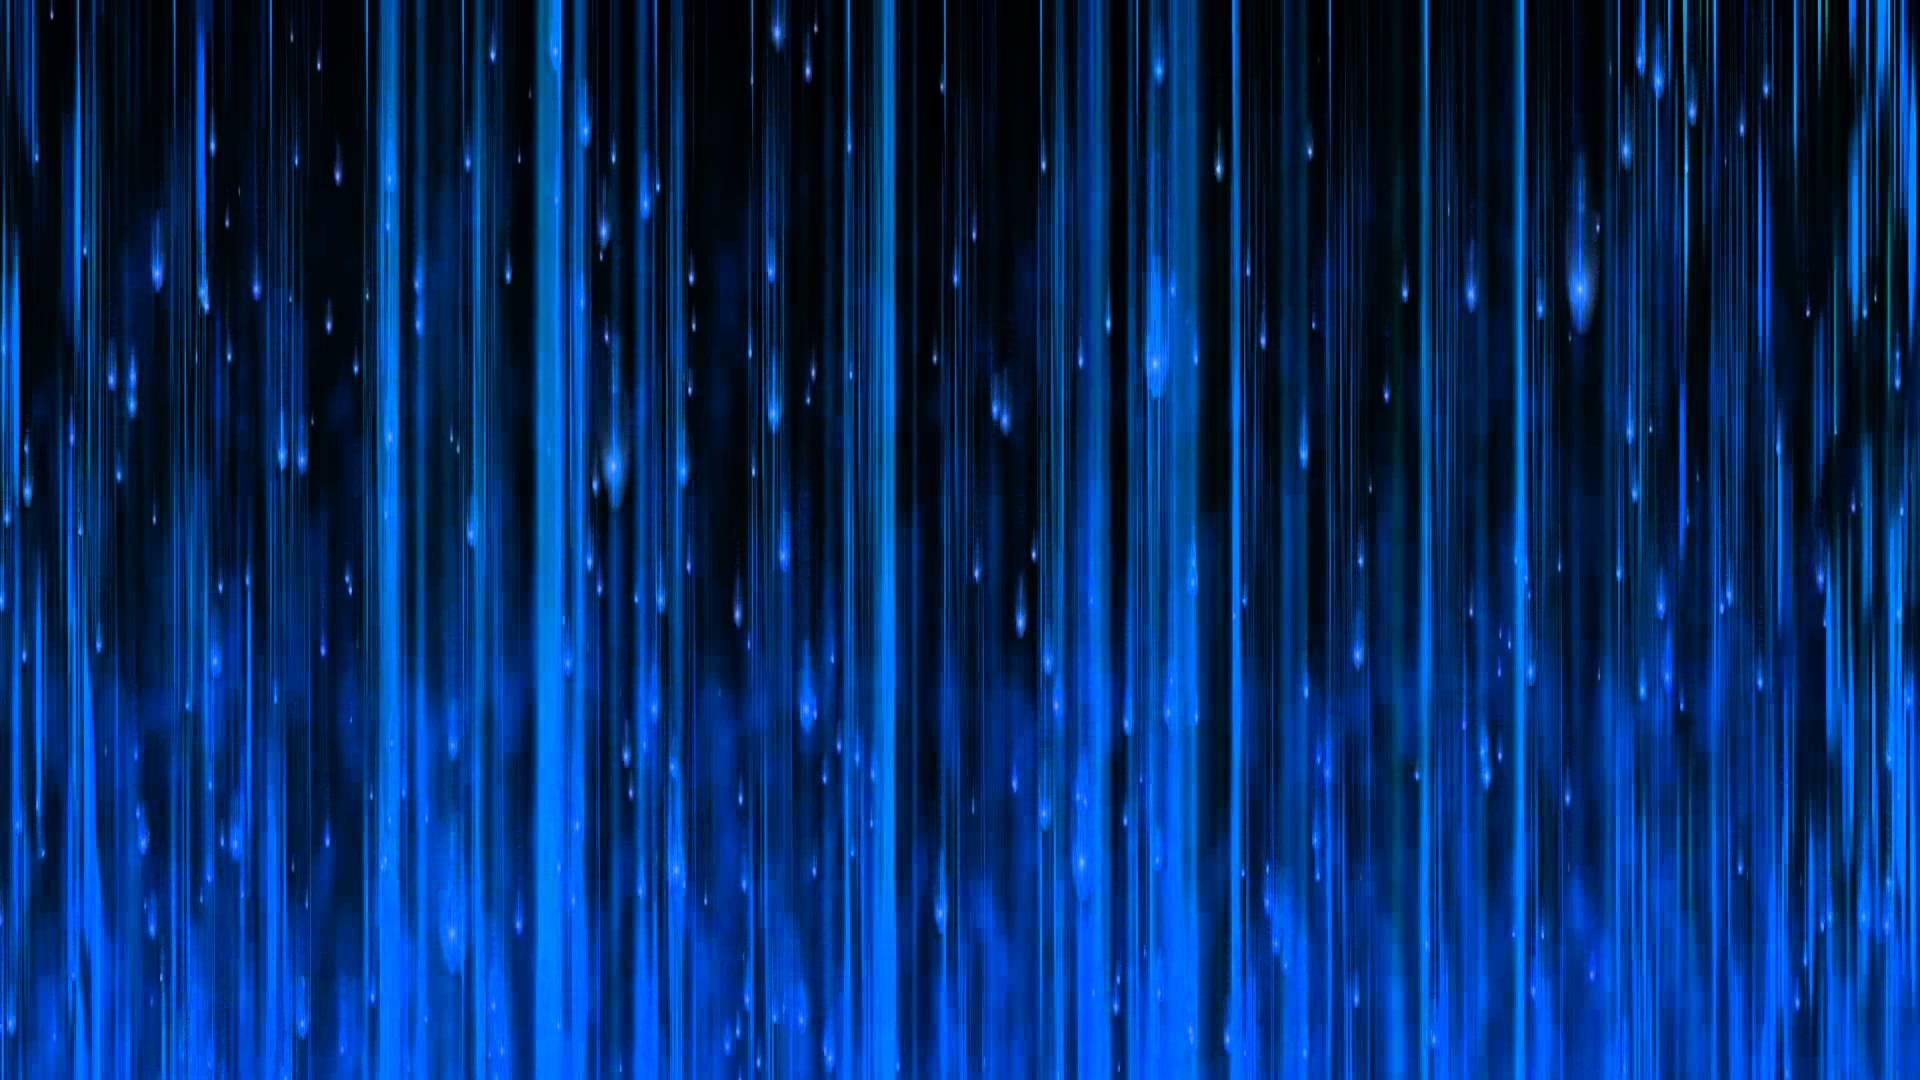 Blue Matrix Rain